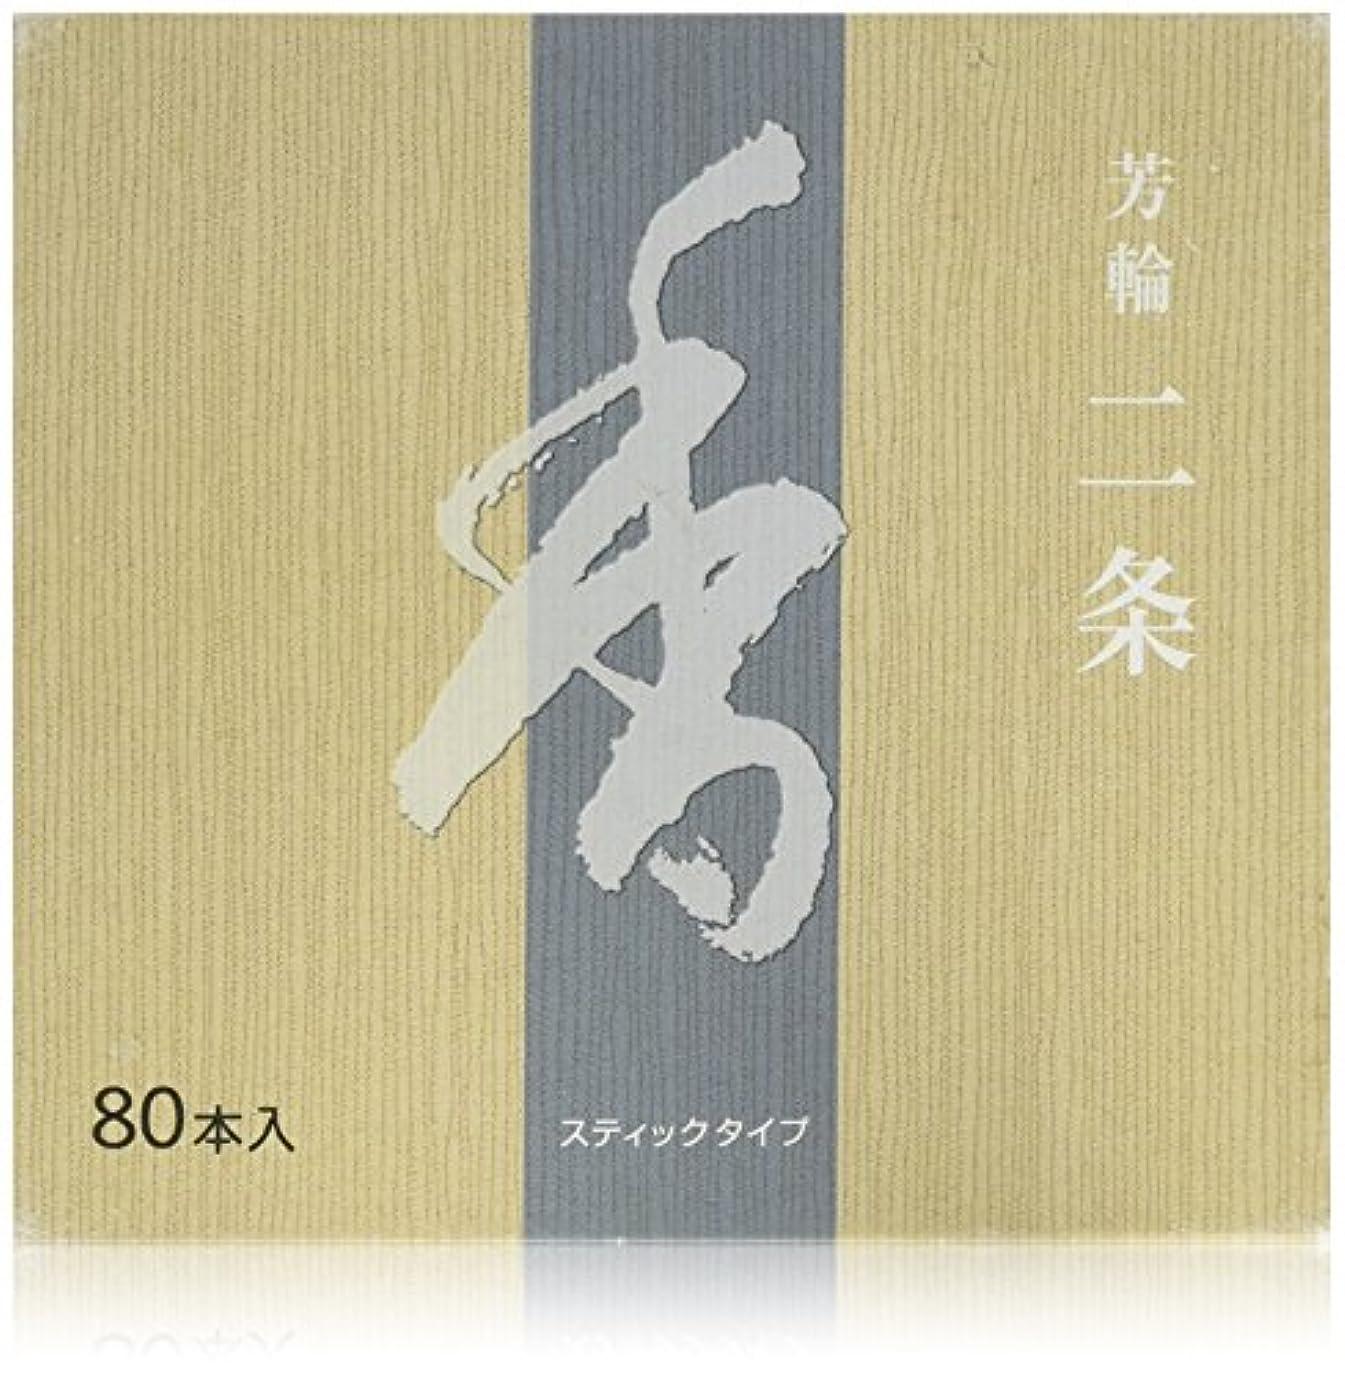 ディーラー光の死ぬ松栄堂のお香 芳輪二条 ST徳用80本入 簡易香立付 #210124